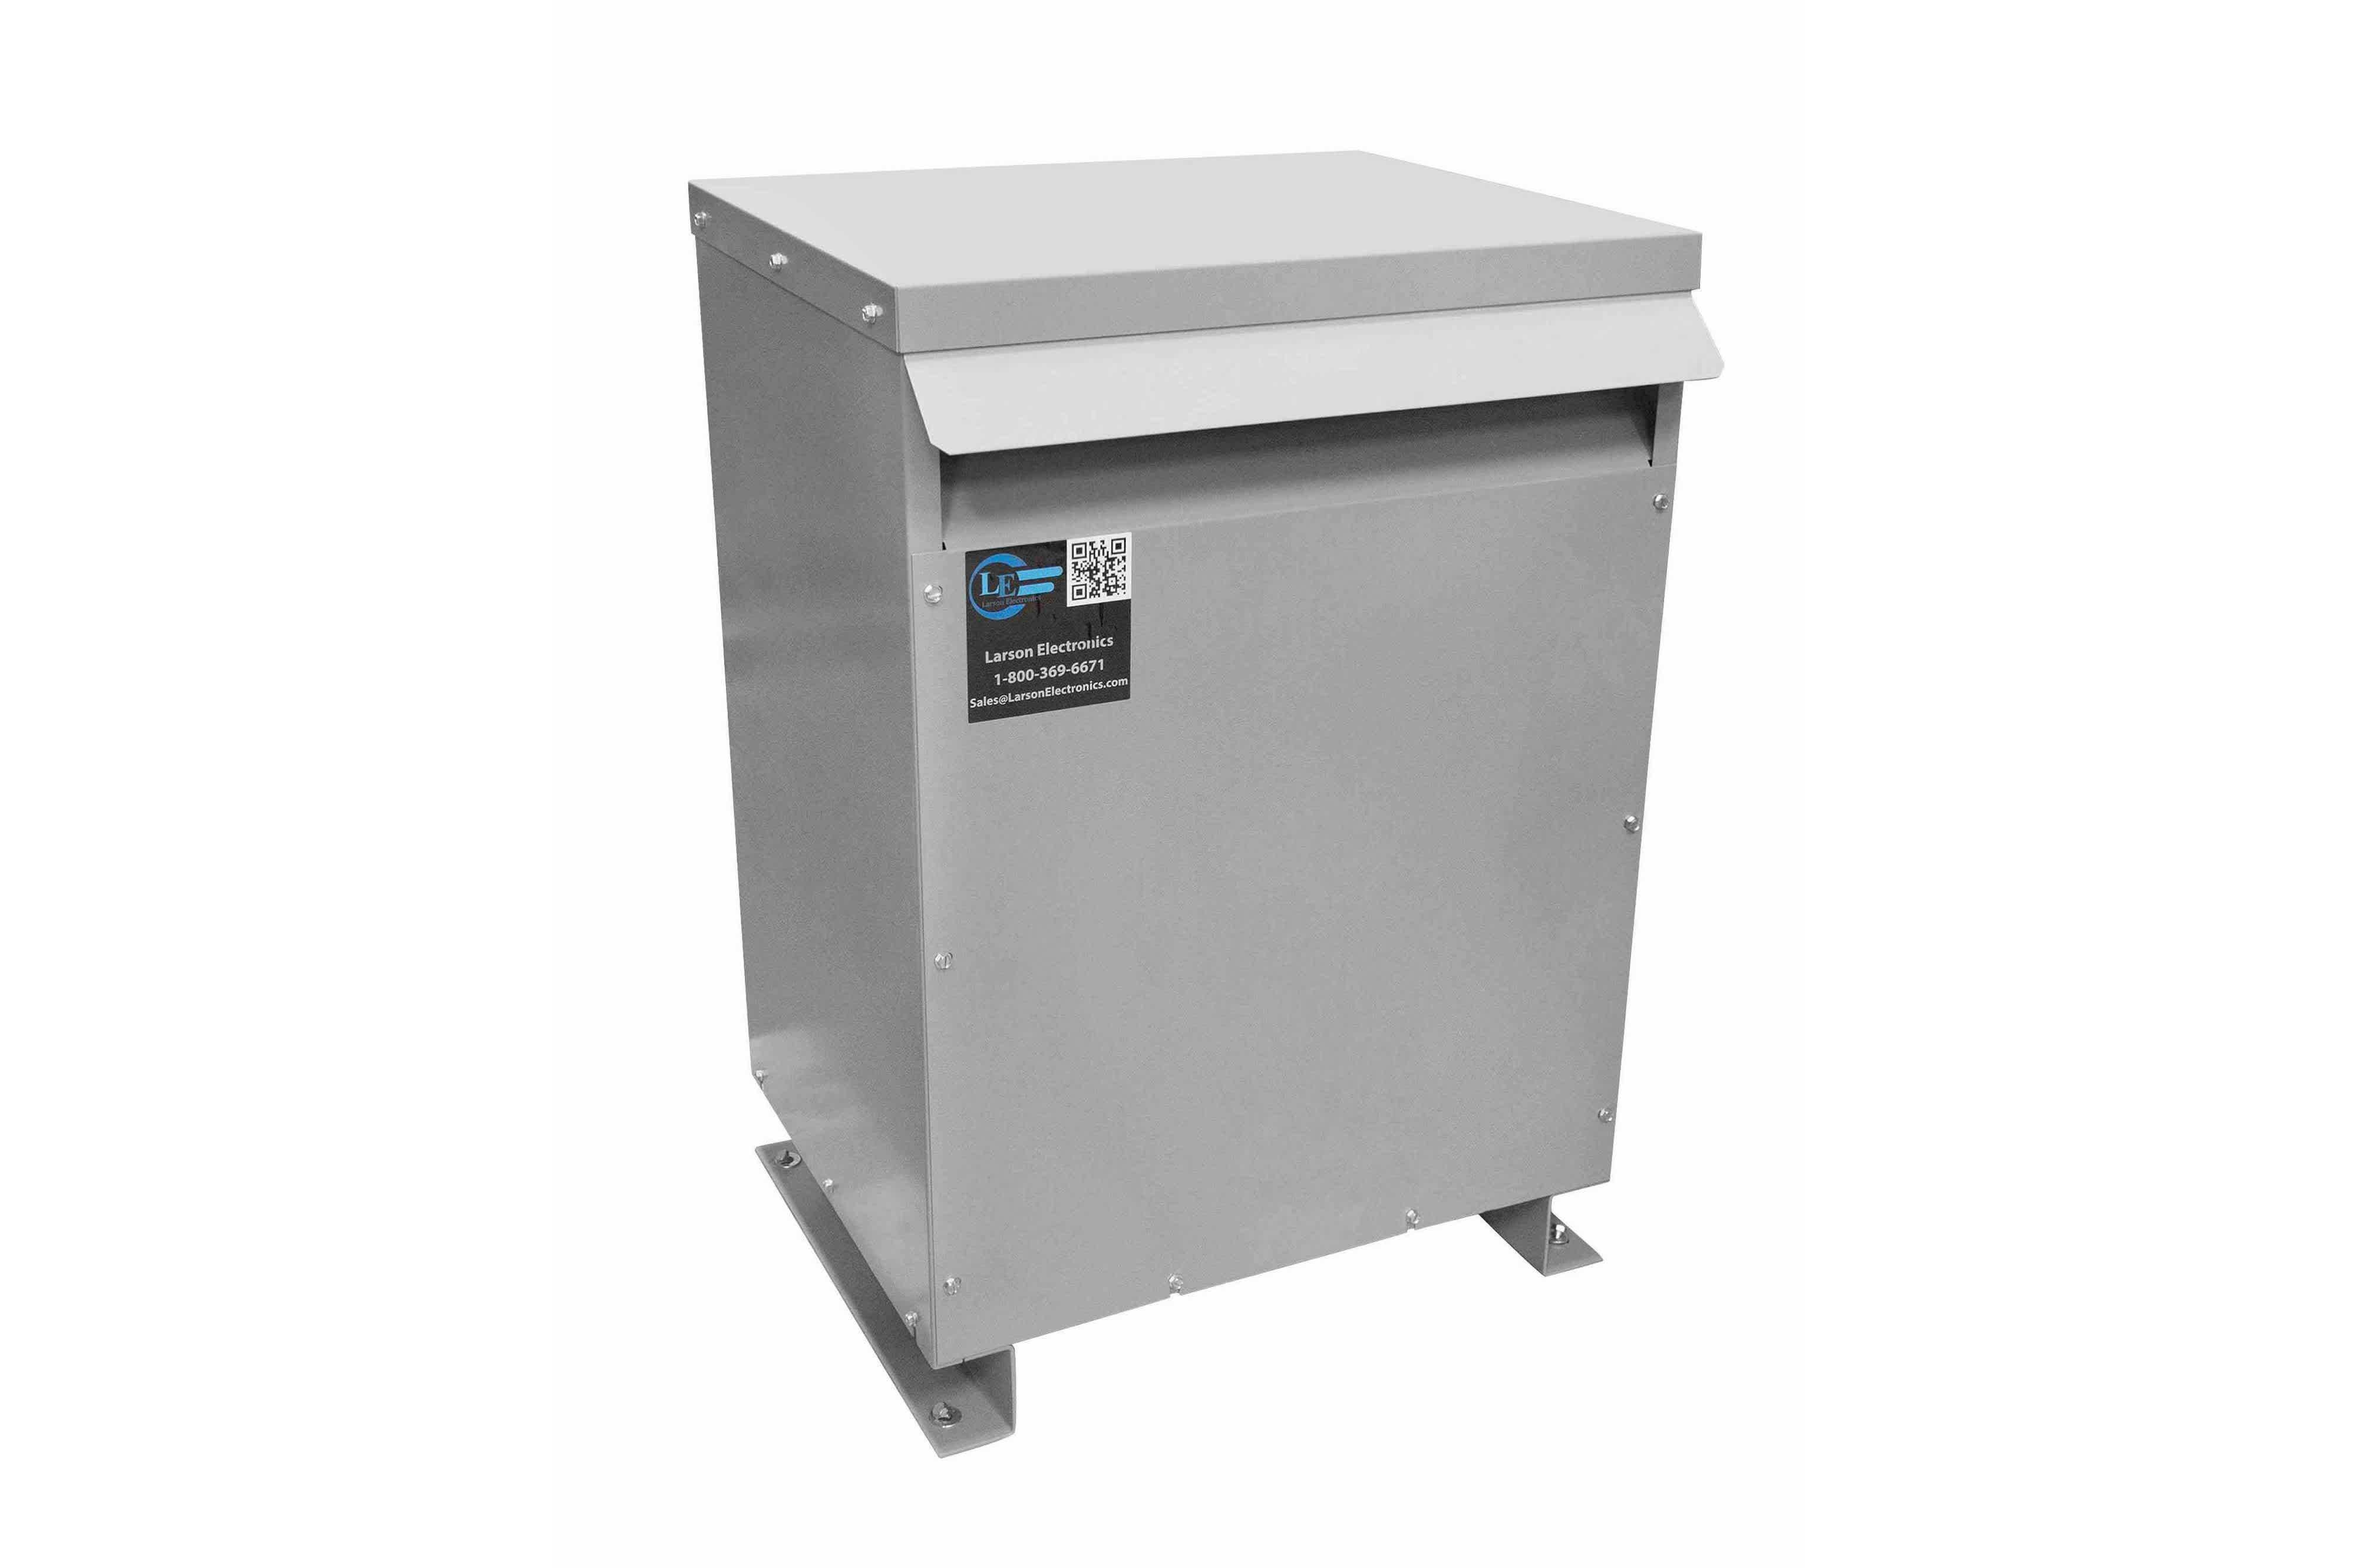 20 kVA 3PH Isolation Transformer, 480V Delta Primary, 208V Delta Secondary, N3R, Ventilated, 60 Hz